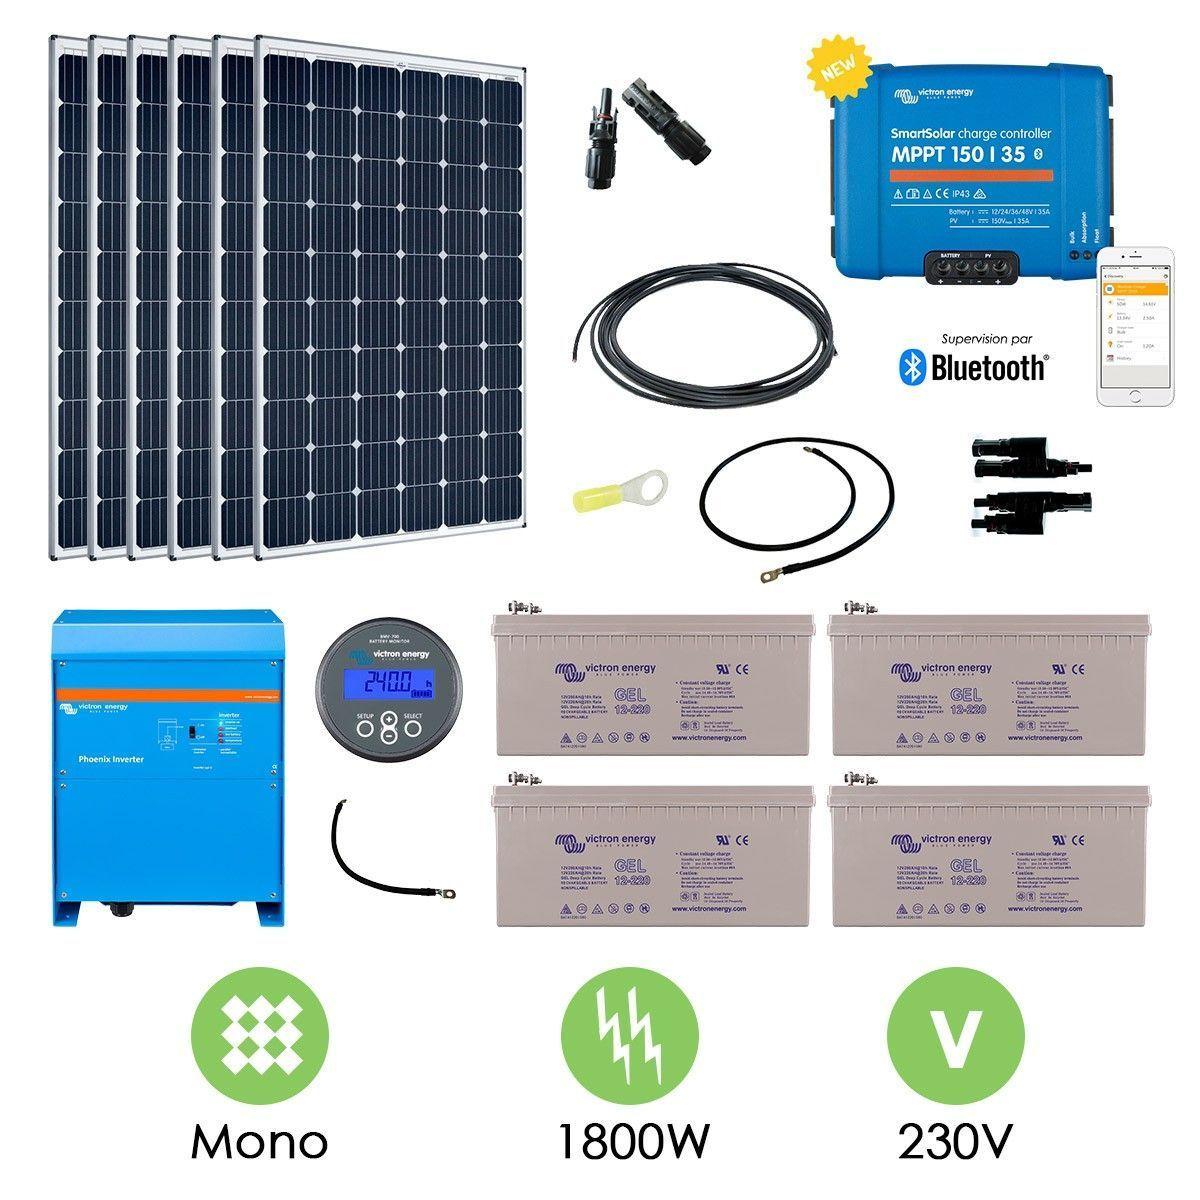 Kit solaire 1800w autonome convertisseur 230v 3000va - Kit solaire autonome 1000w ...